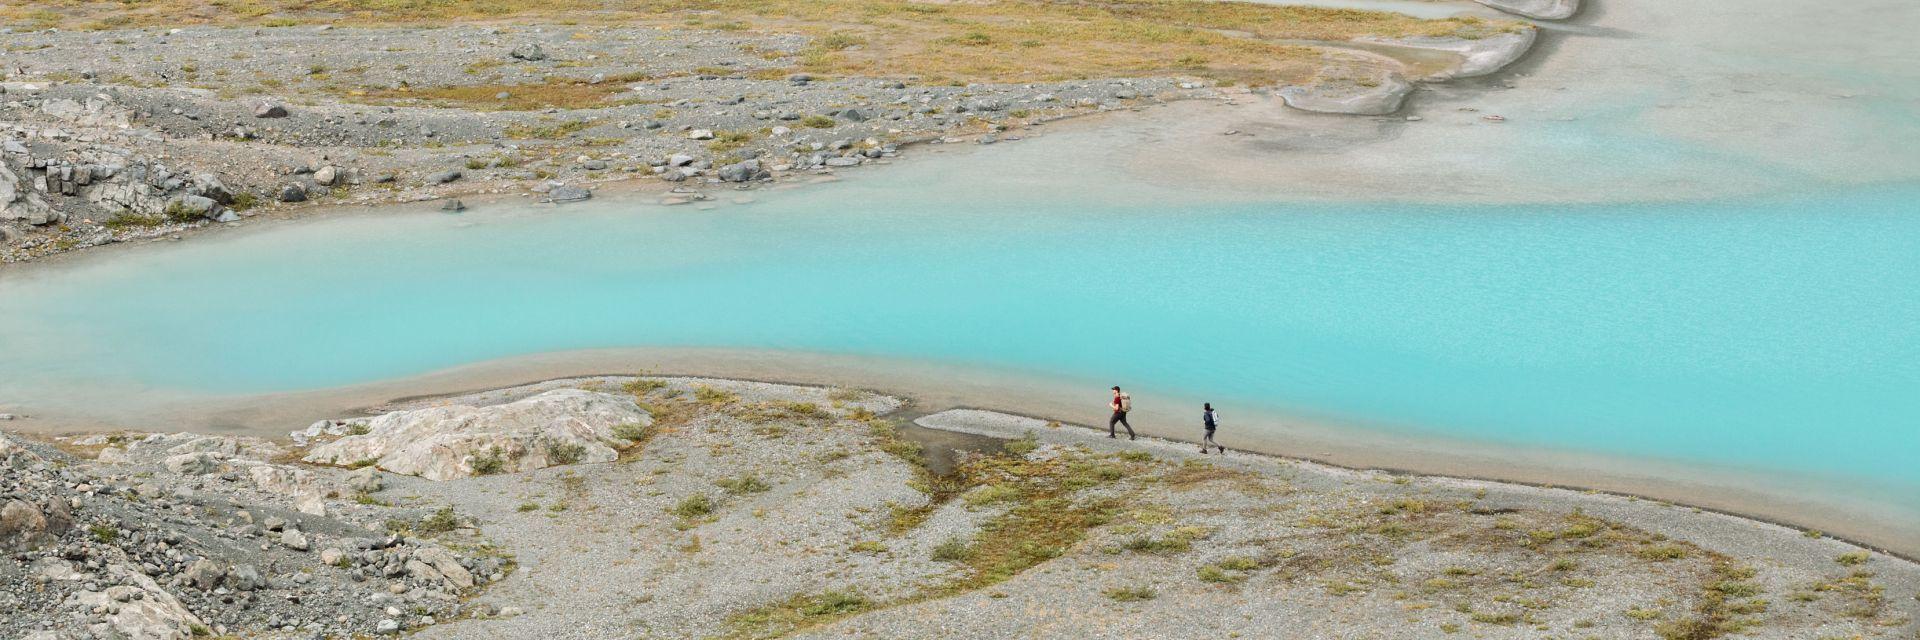 Hikers hiking through Tweedsmuir Glacier